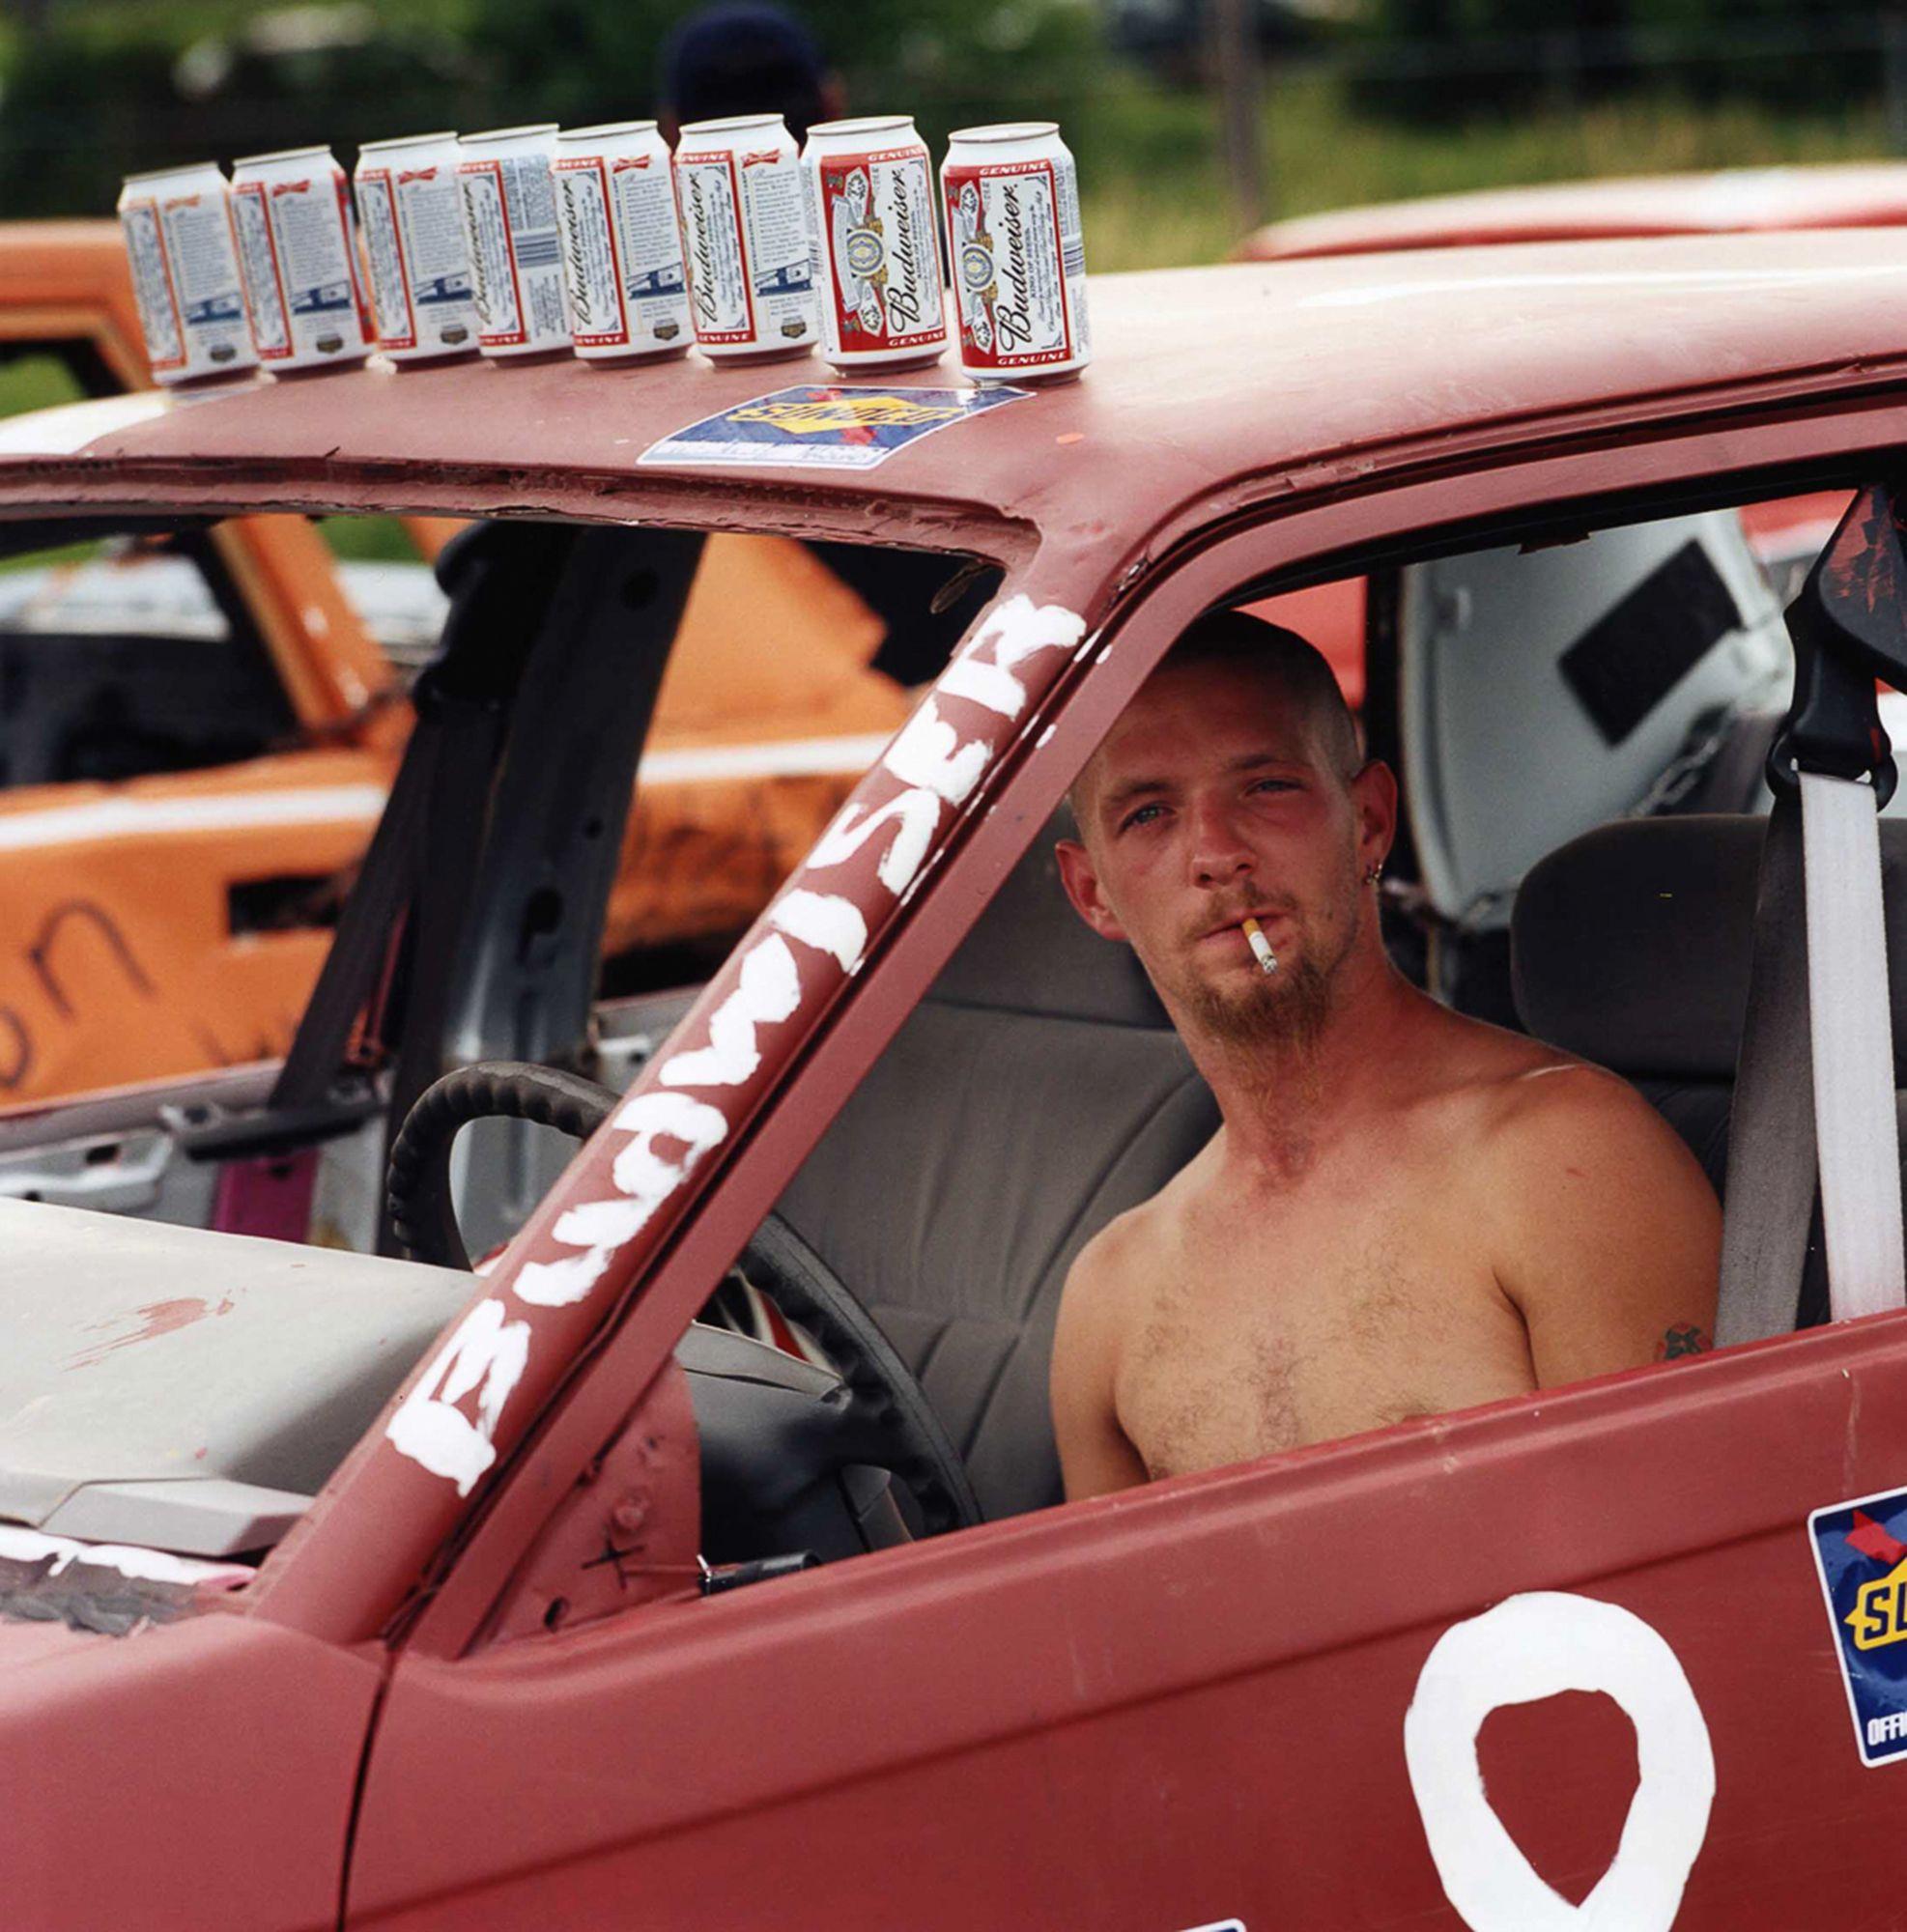 Demo Derby: Bud Car